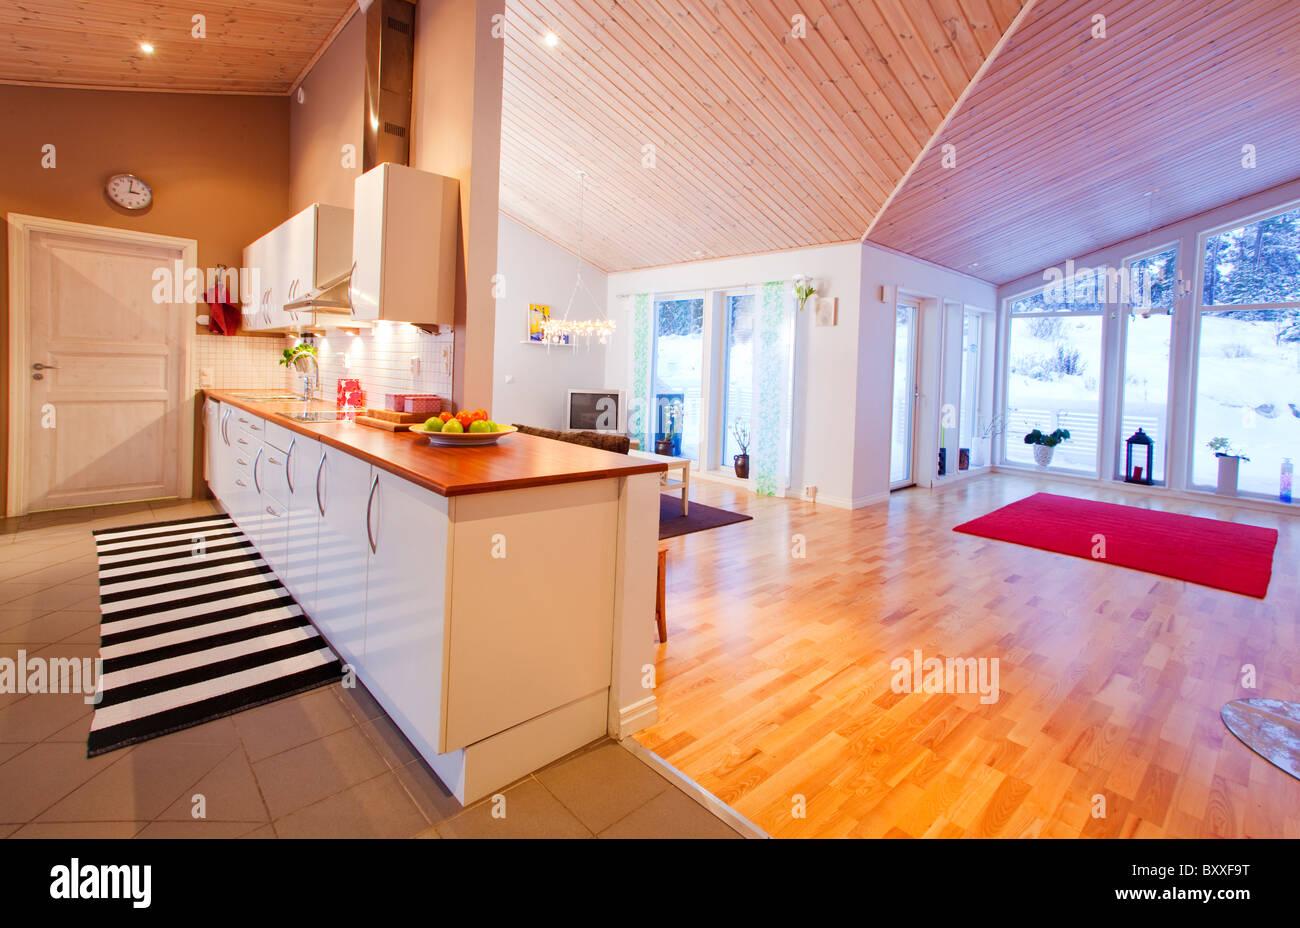 Escandinava moderna casa con construcción abierta plan.Eskilstuna, Suecia Imagen De Stock